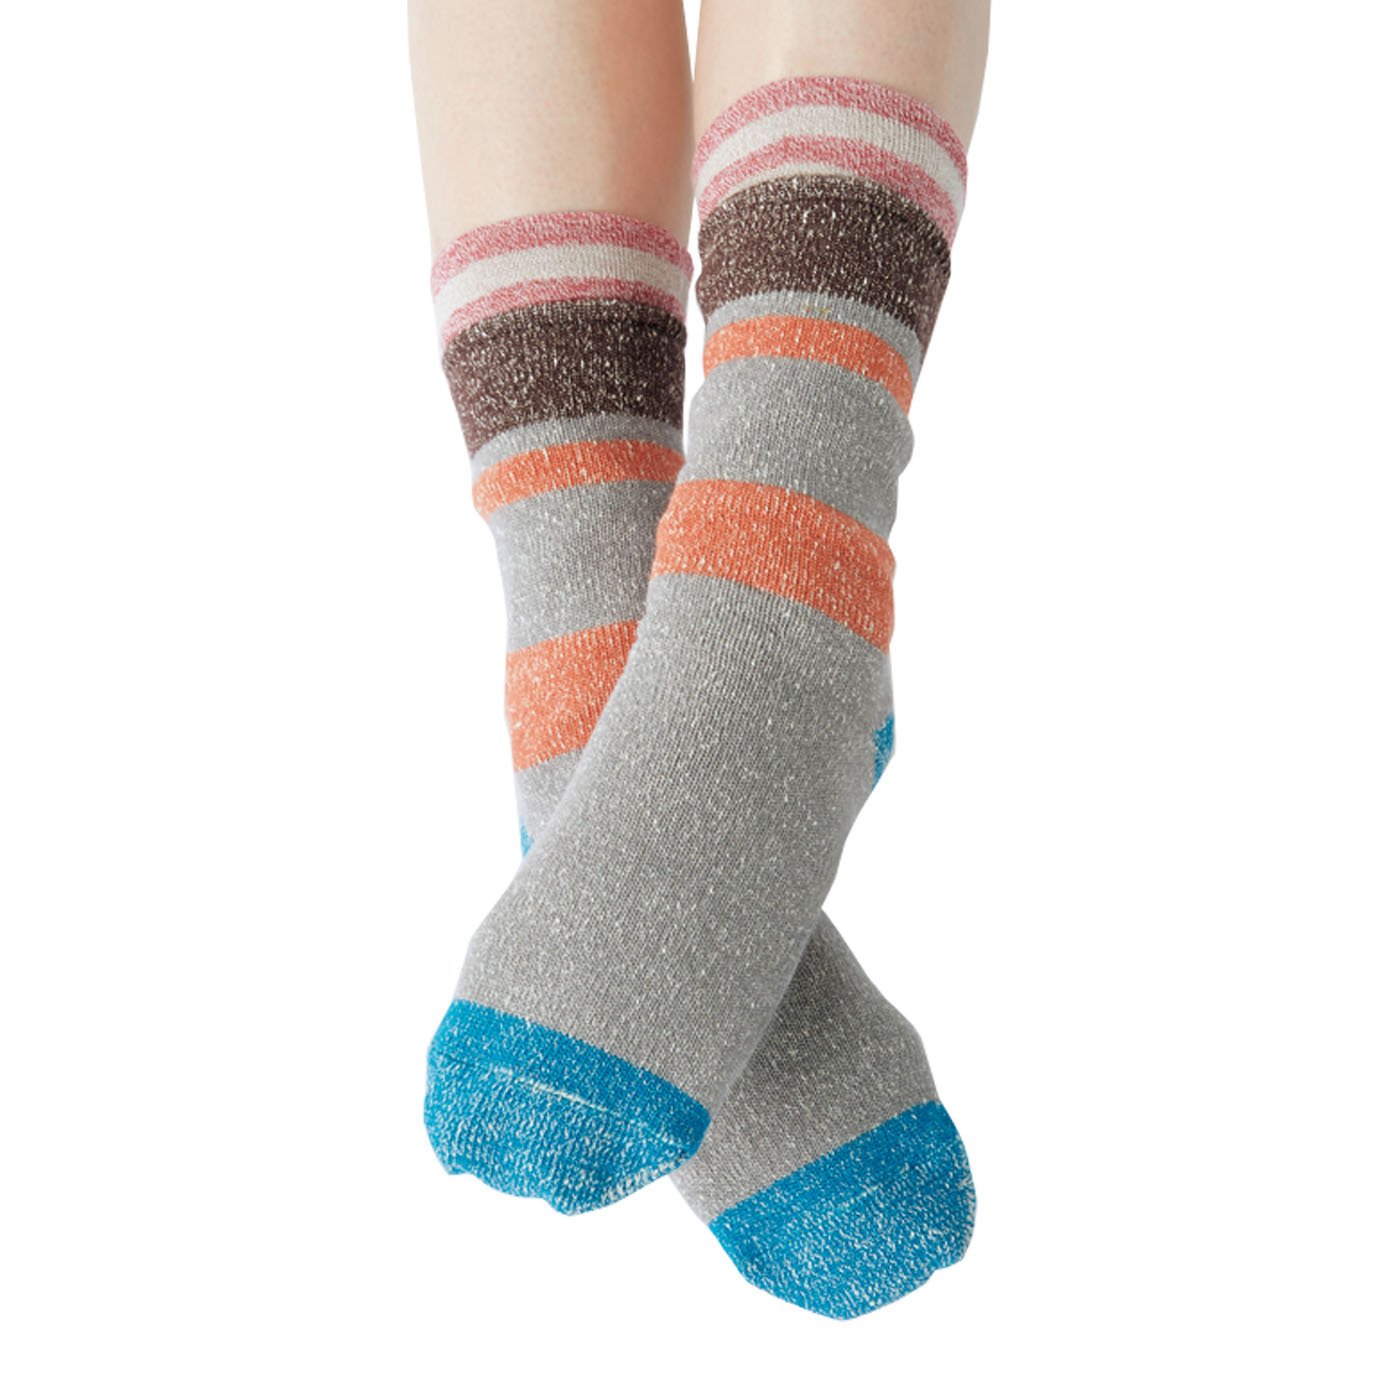 「1枚で2枚重ね5本指靴下の会(CN-663-308)」を下に重ねてはけば、4層重ねの暖かさに。